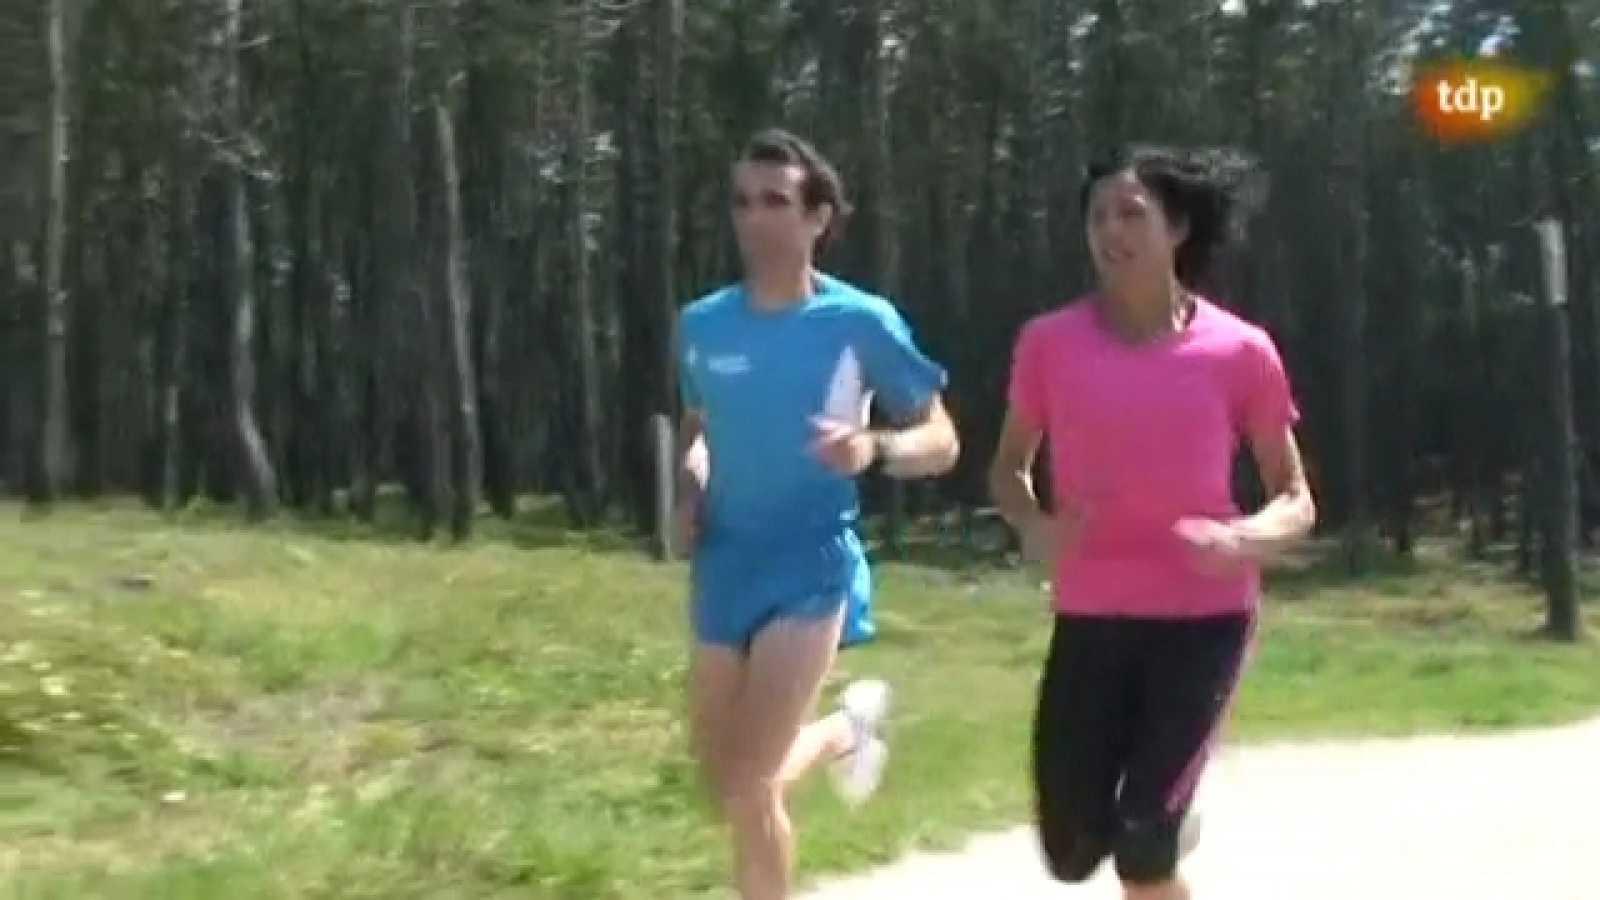 Atletismo - ¡Corre! - Capítulo 3 - 10/05/11 - Ver ahora